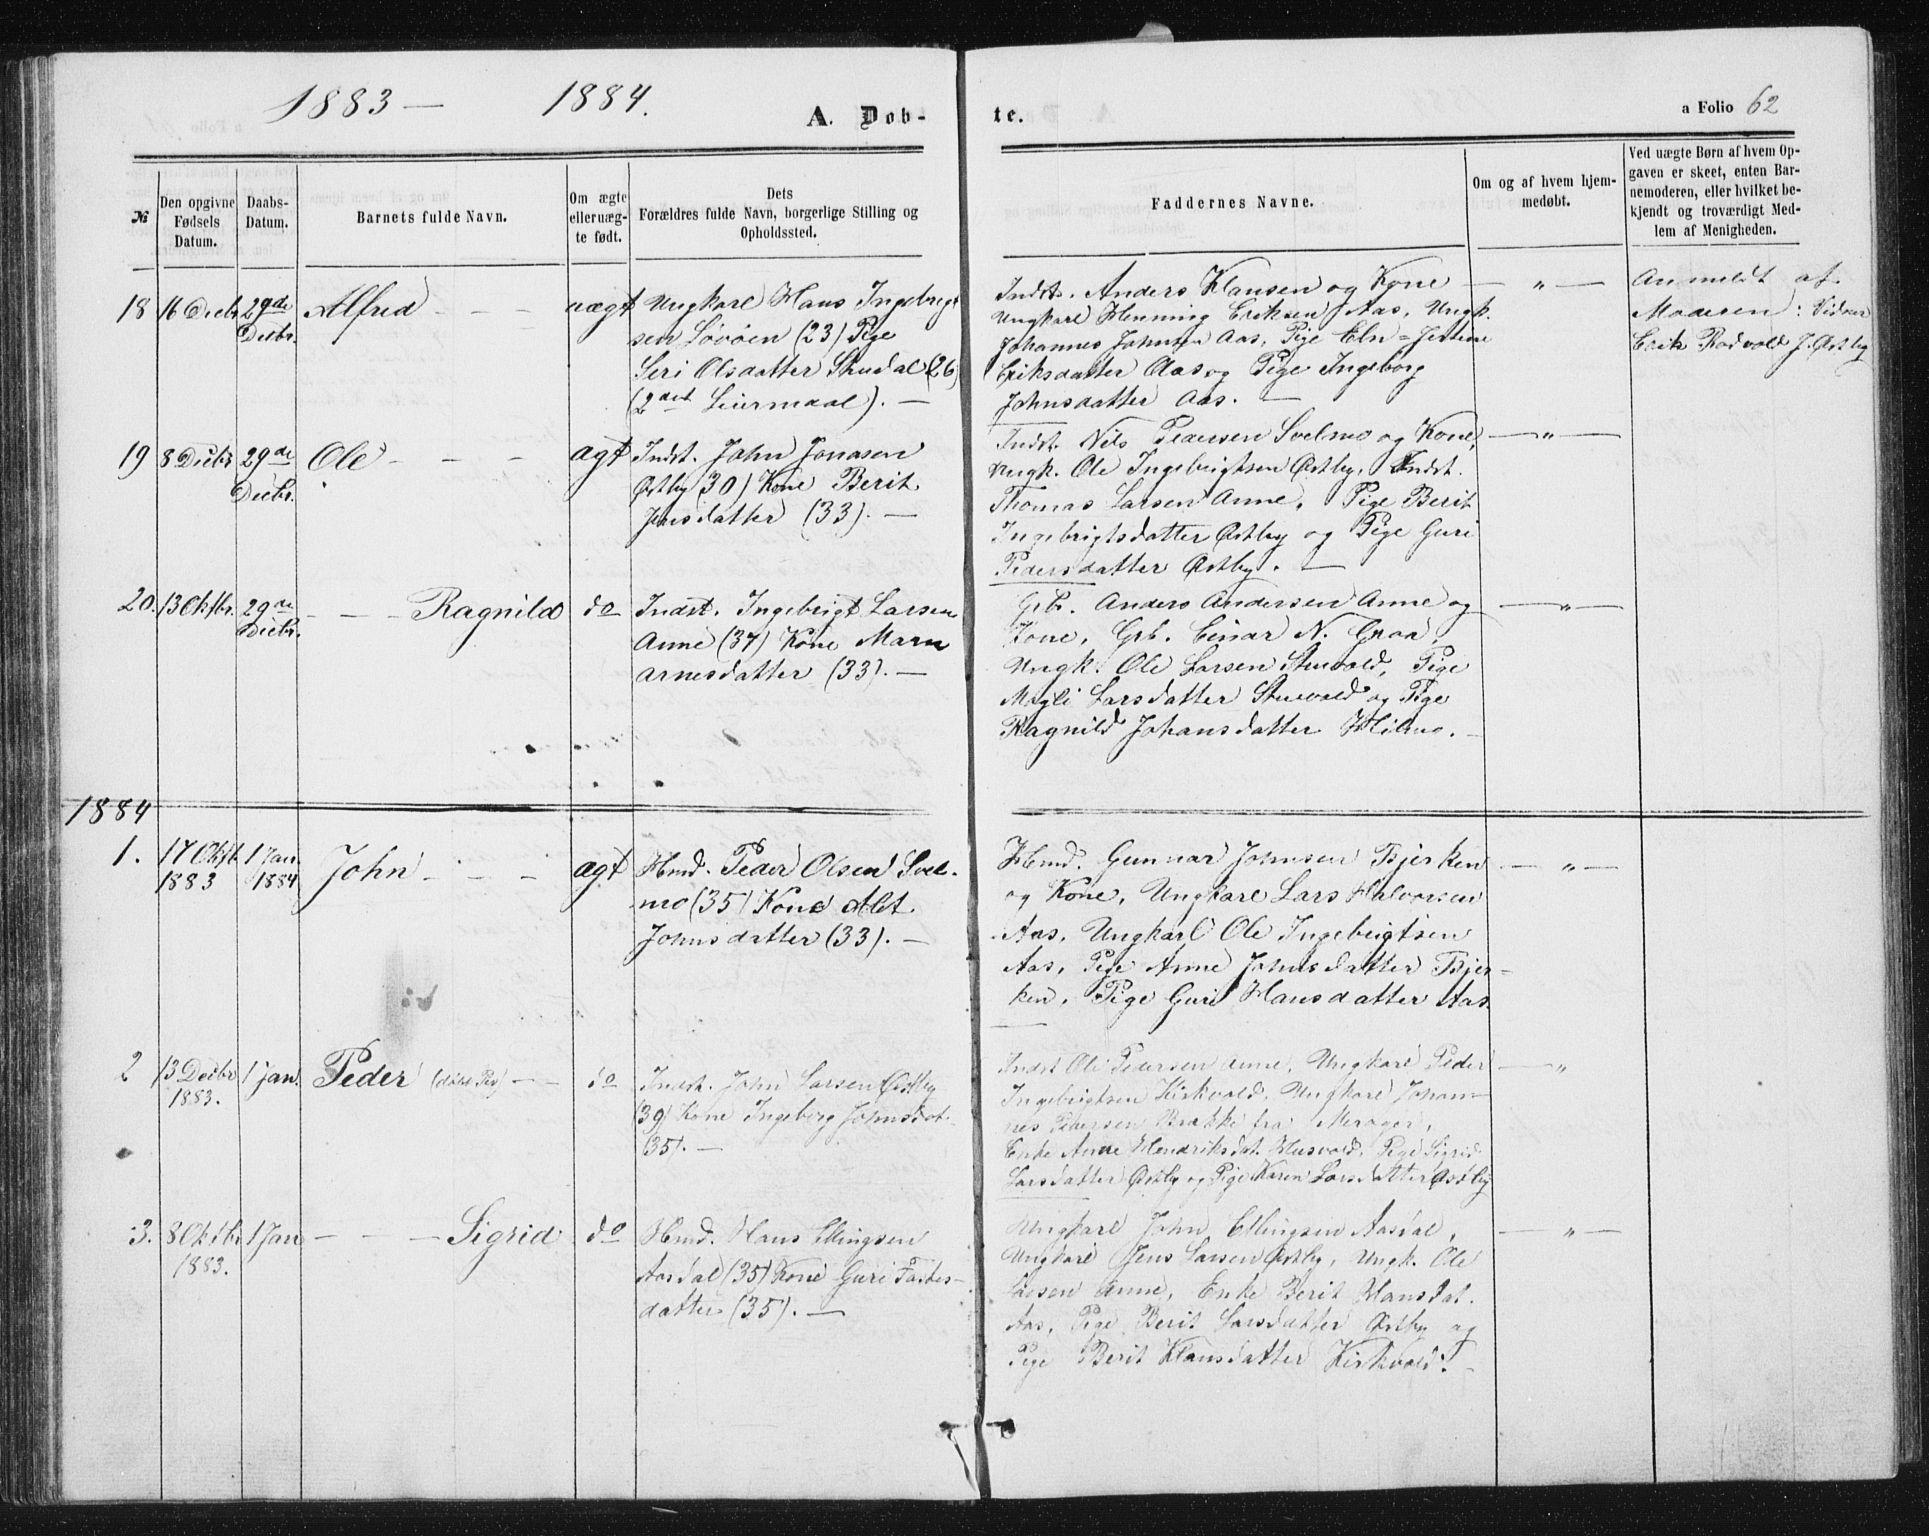 SAT, Ministerialprotokoller, klokkerbøker og fødselsregistre - Sør-Trøndelag, 698/L1166: Klokkerbok nr. 698C03, 1861-1887, s. 62